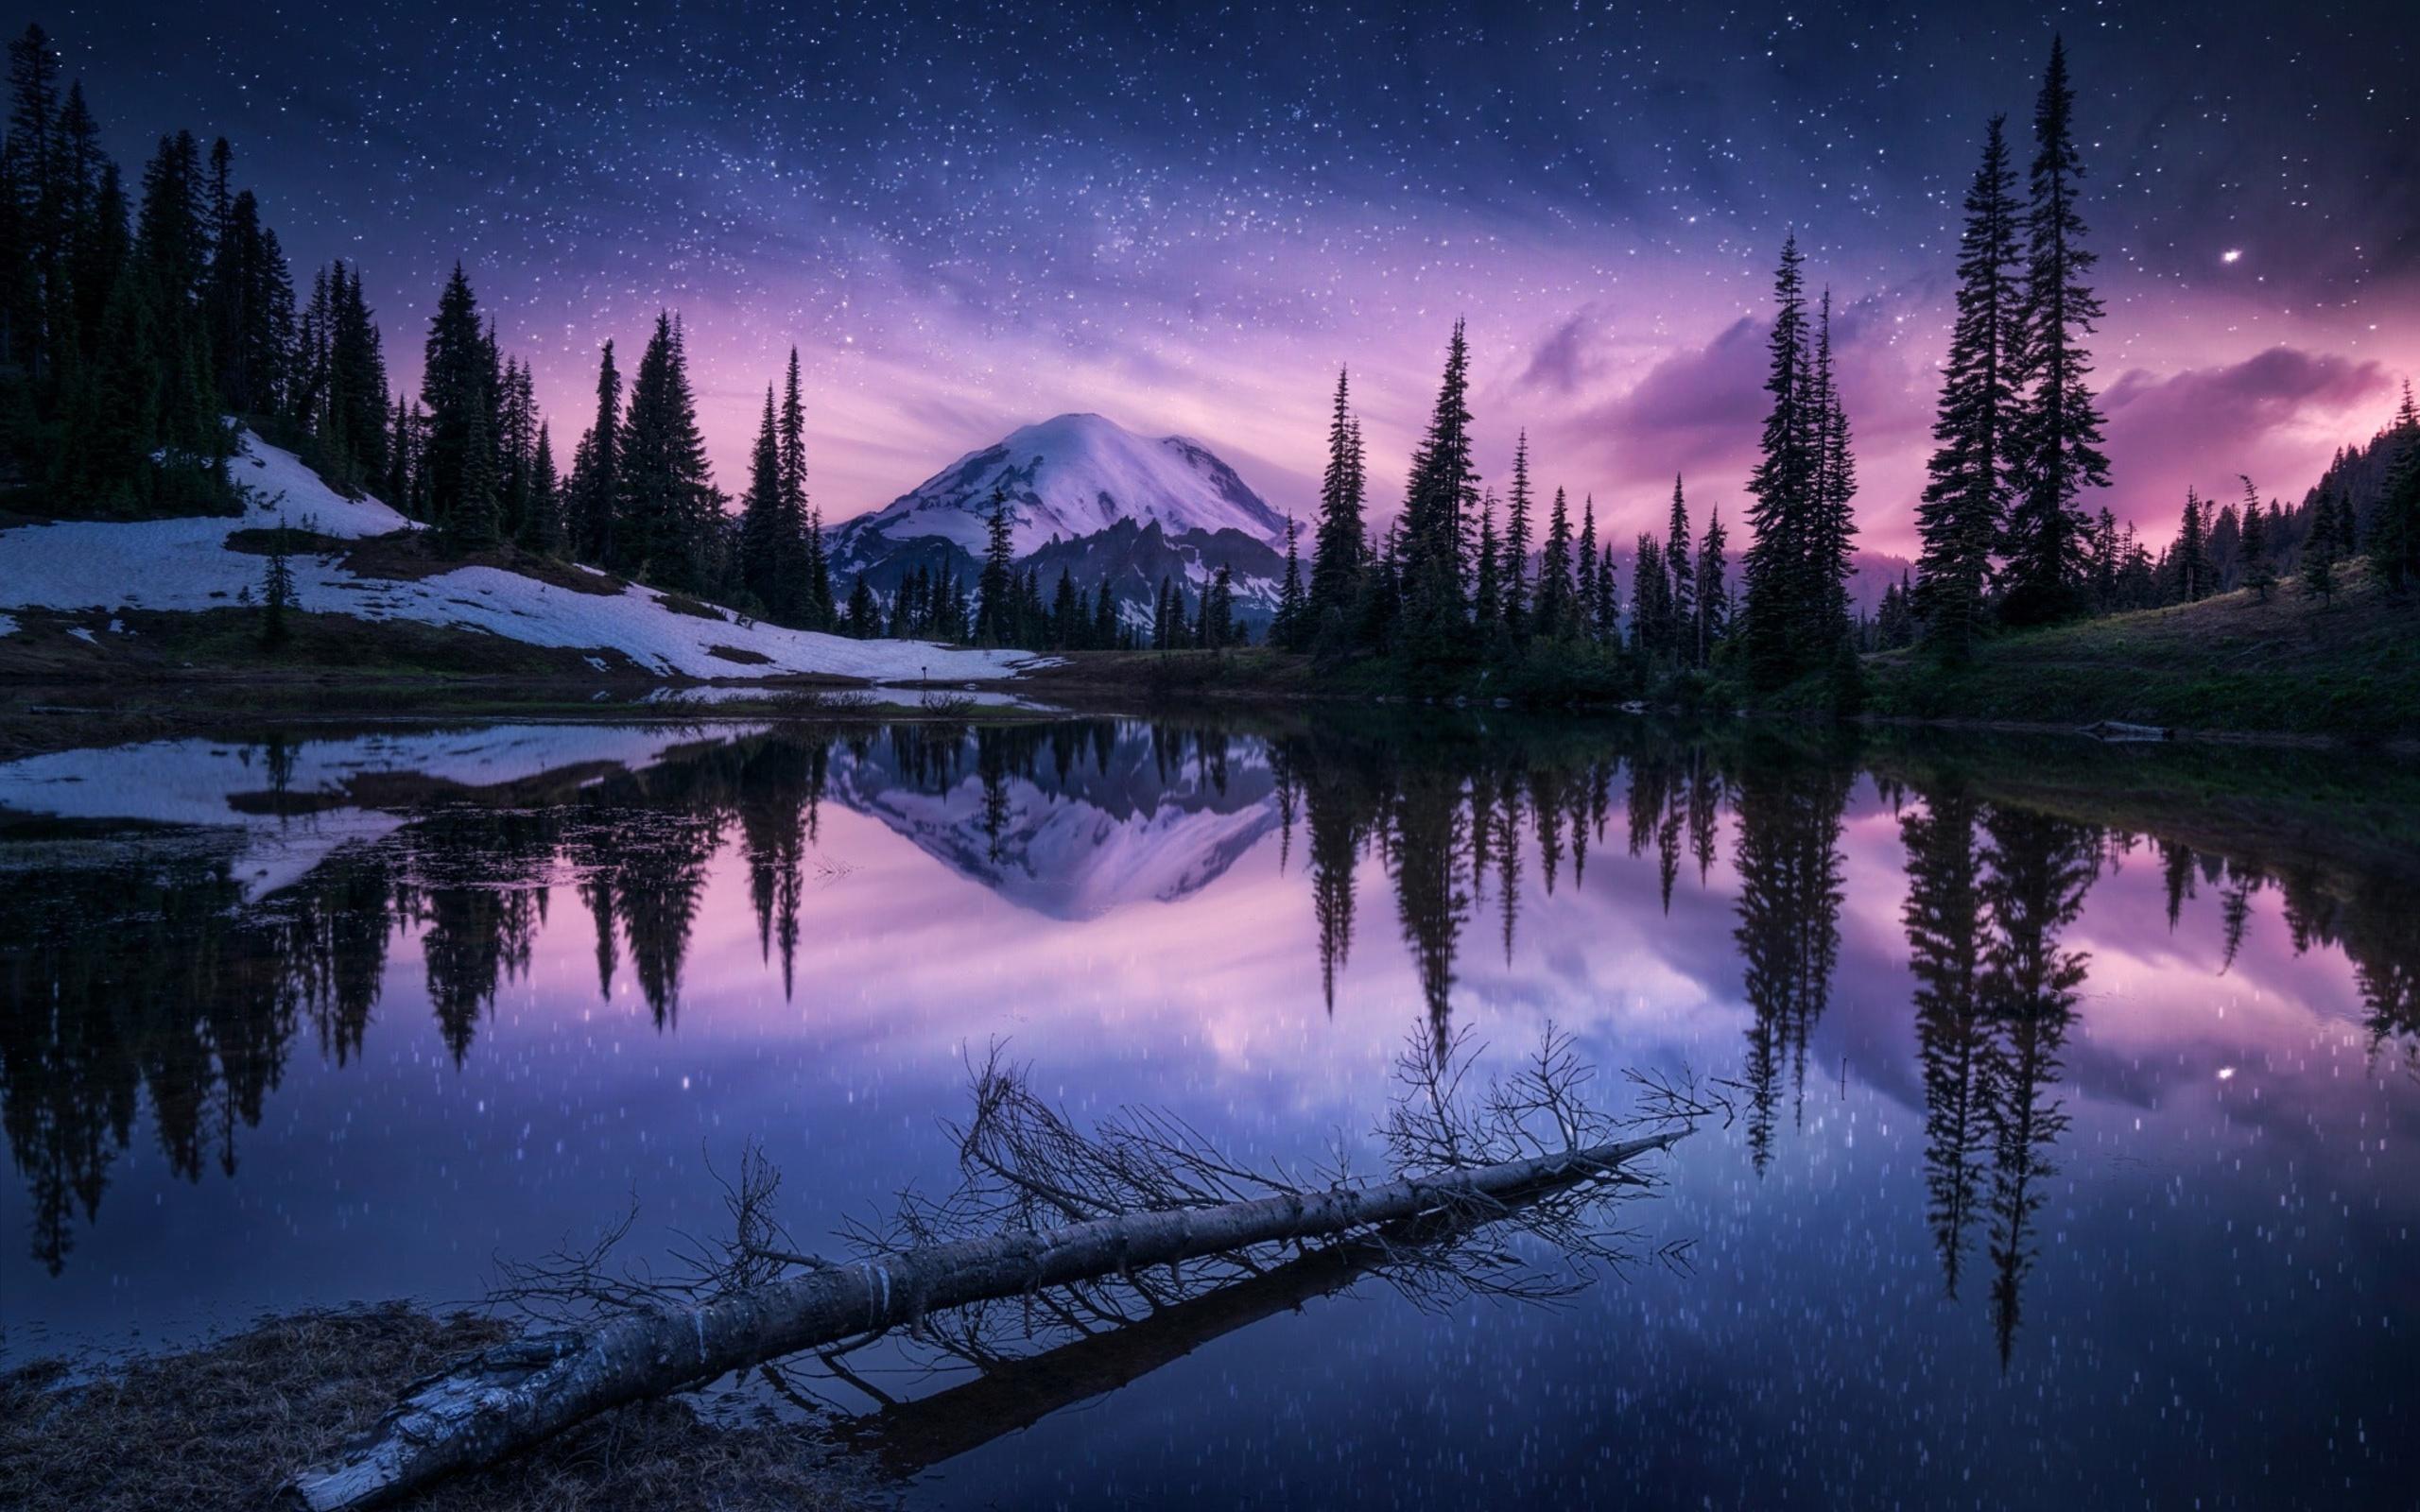 природа деревья озеро отражение гора ночь без смс